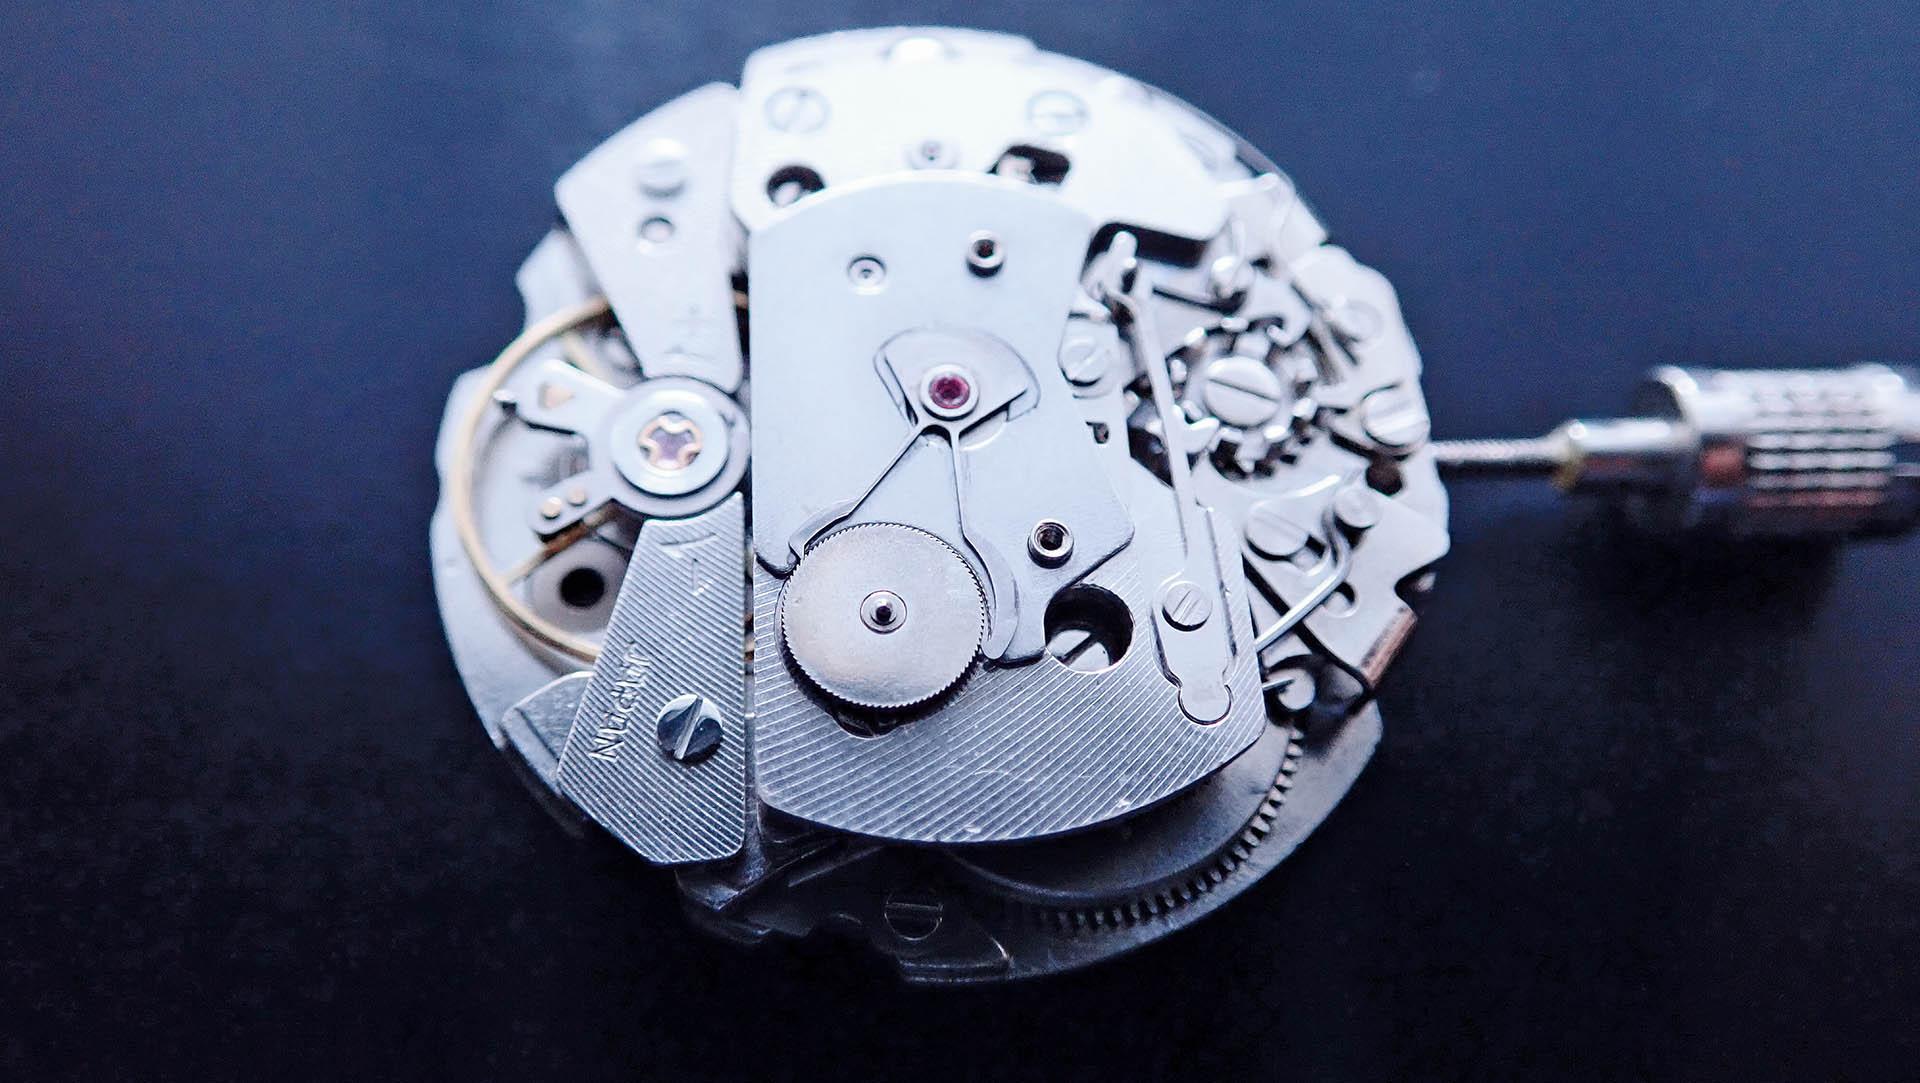 Seiko Automatik-Chronograph 6139